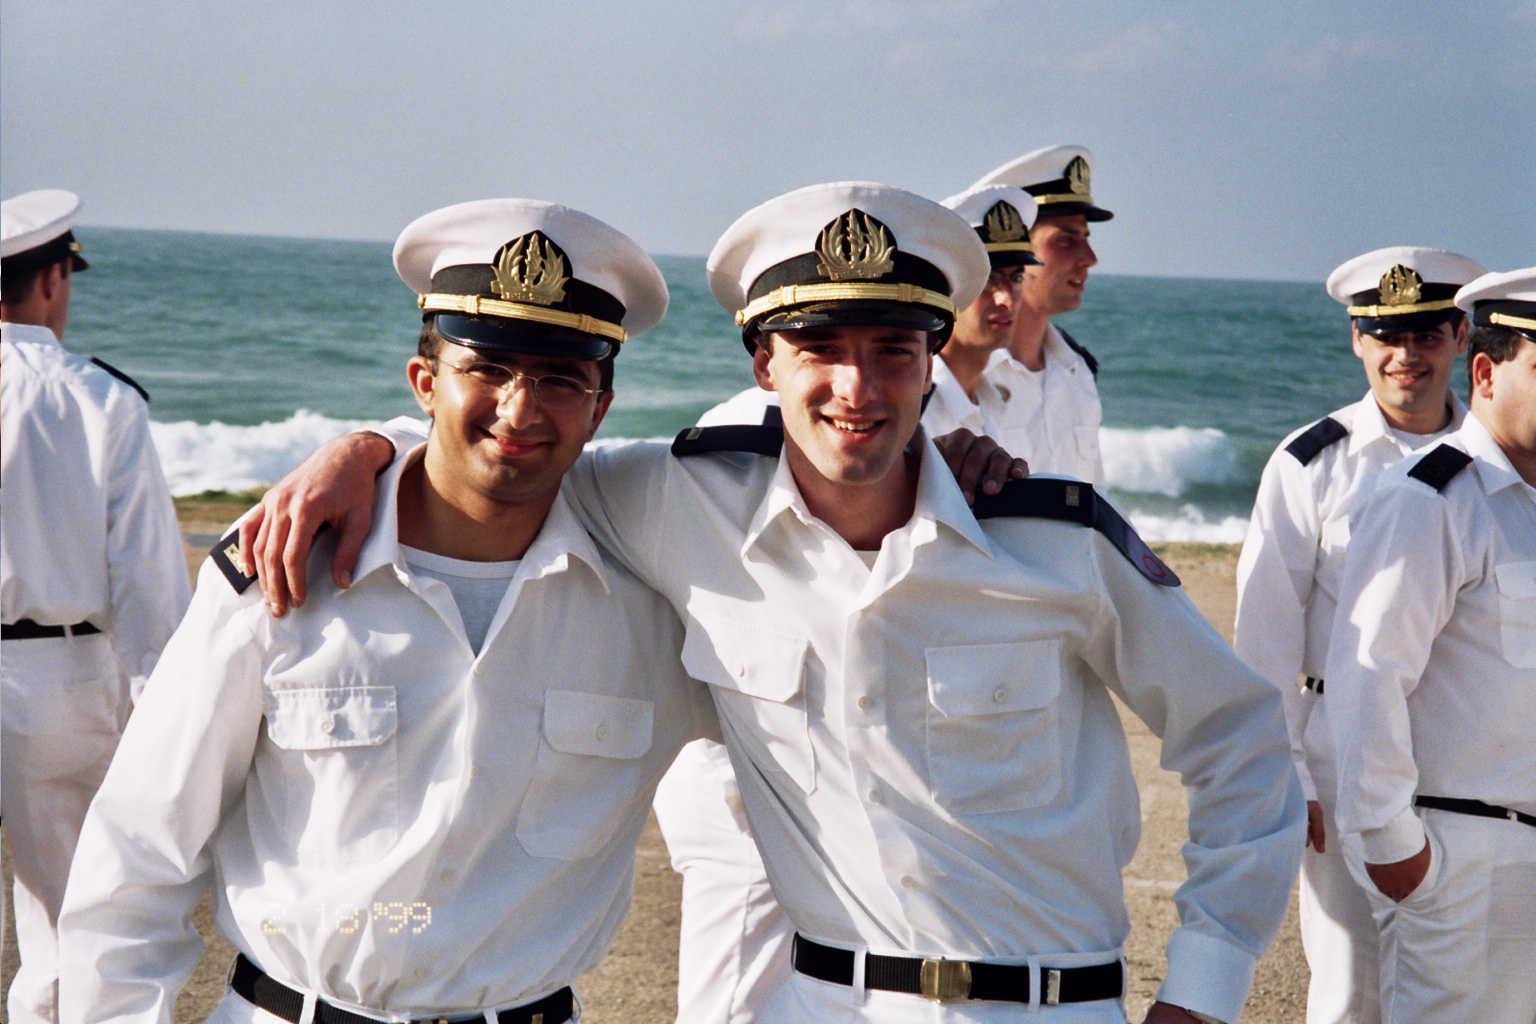 אלי שביט קצין חיל הים